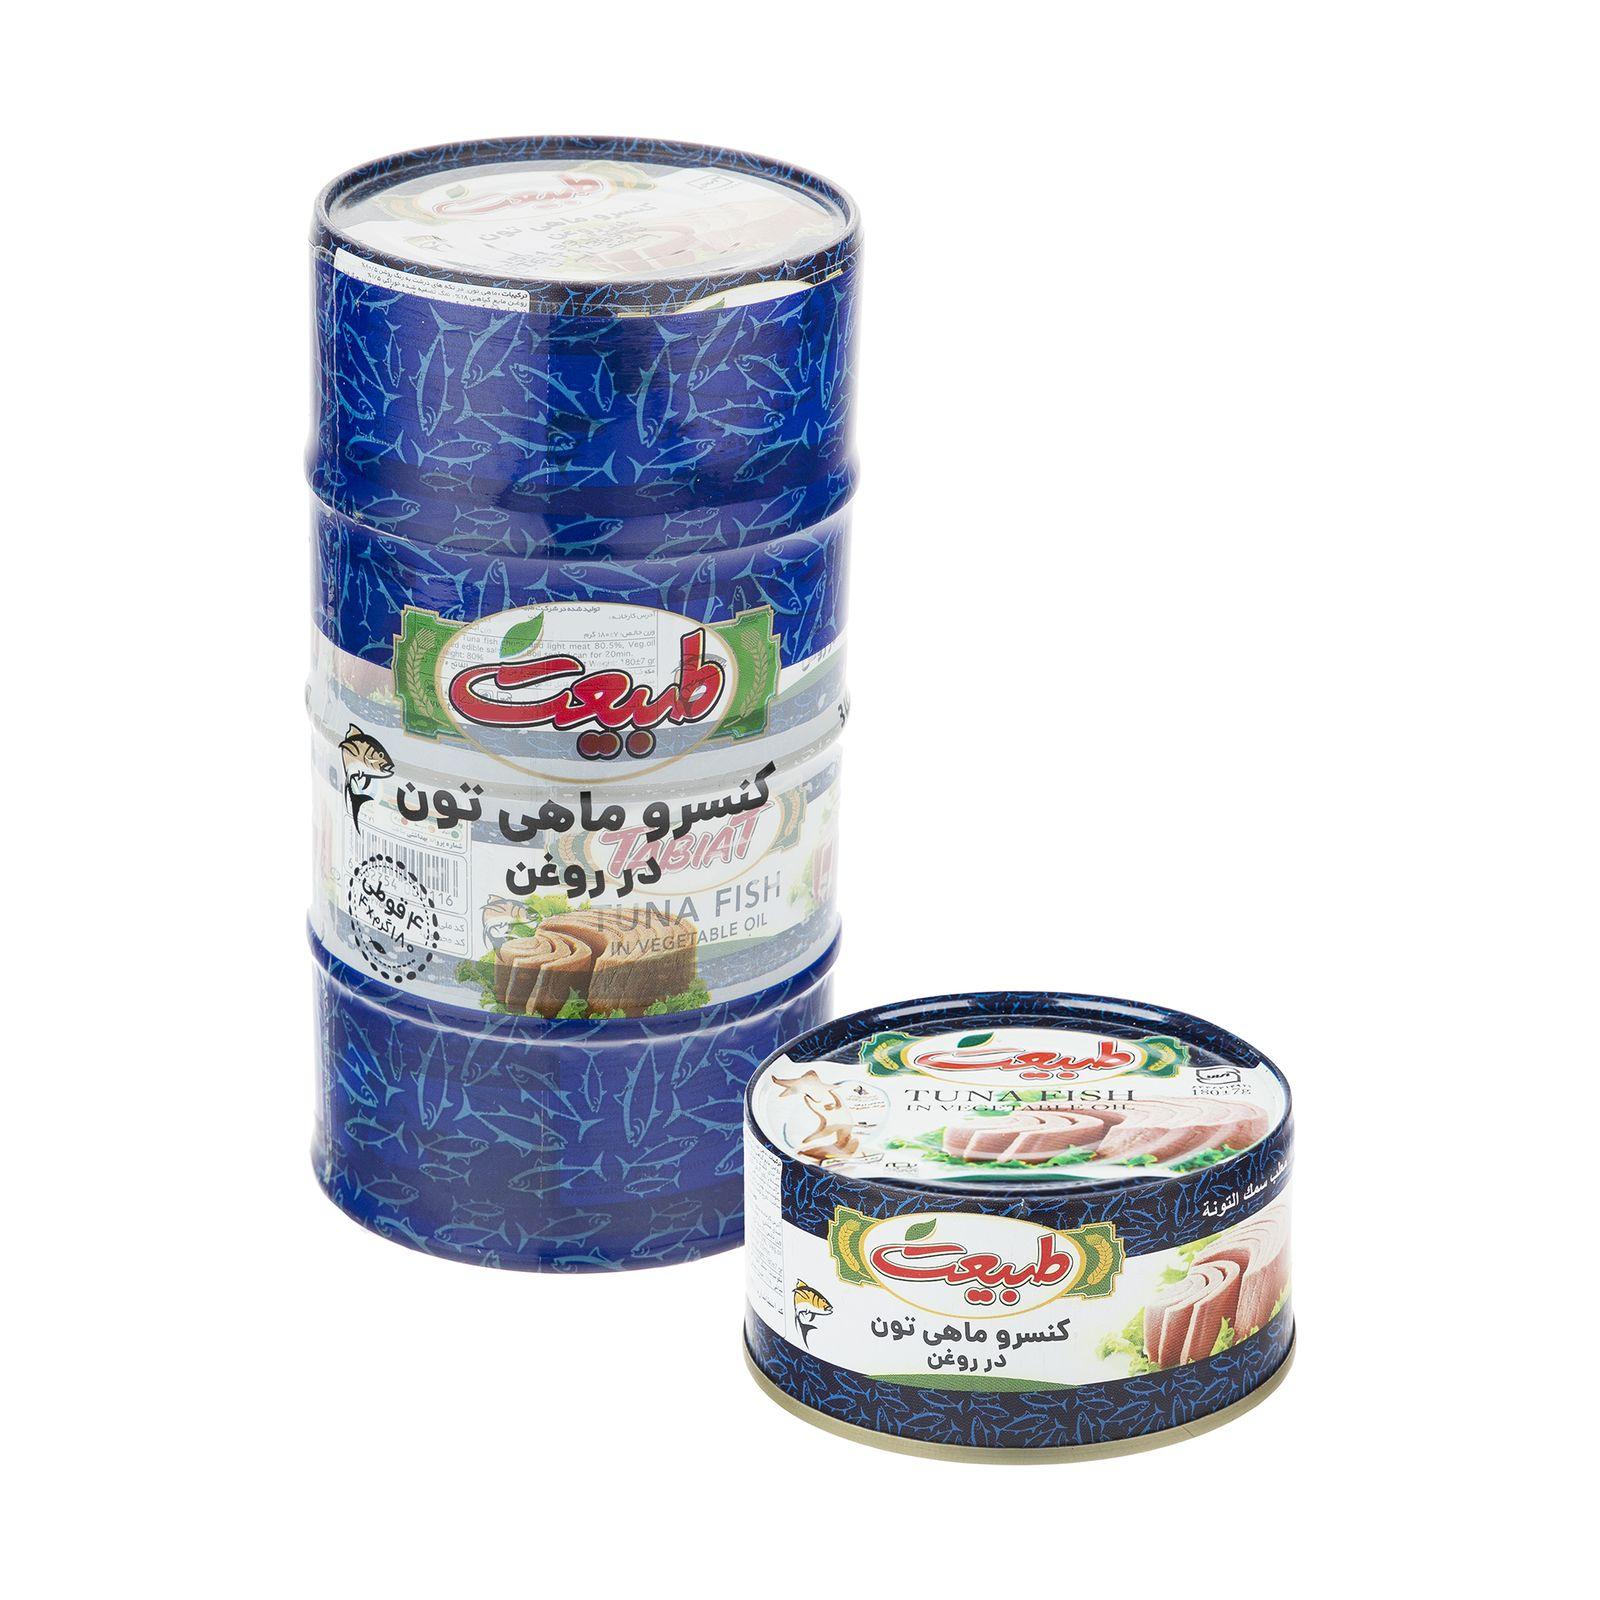 کنسرو ماهی تون در روغن گیاهی طبیعت - 180 گرم بسته 4 عددی main 1 1